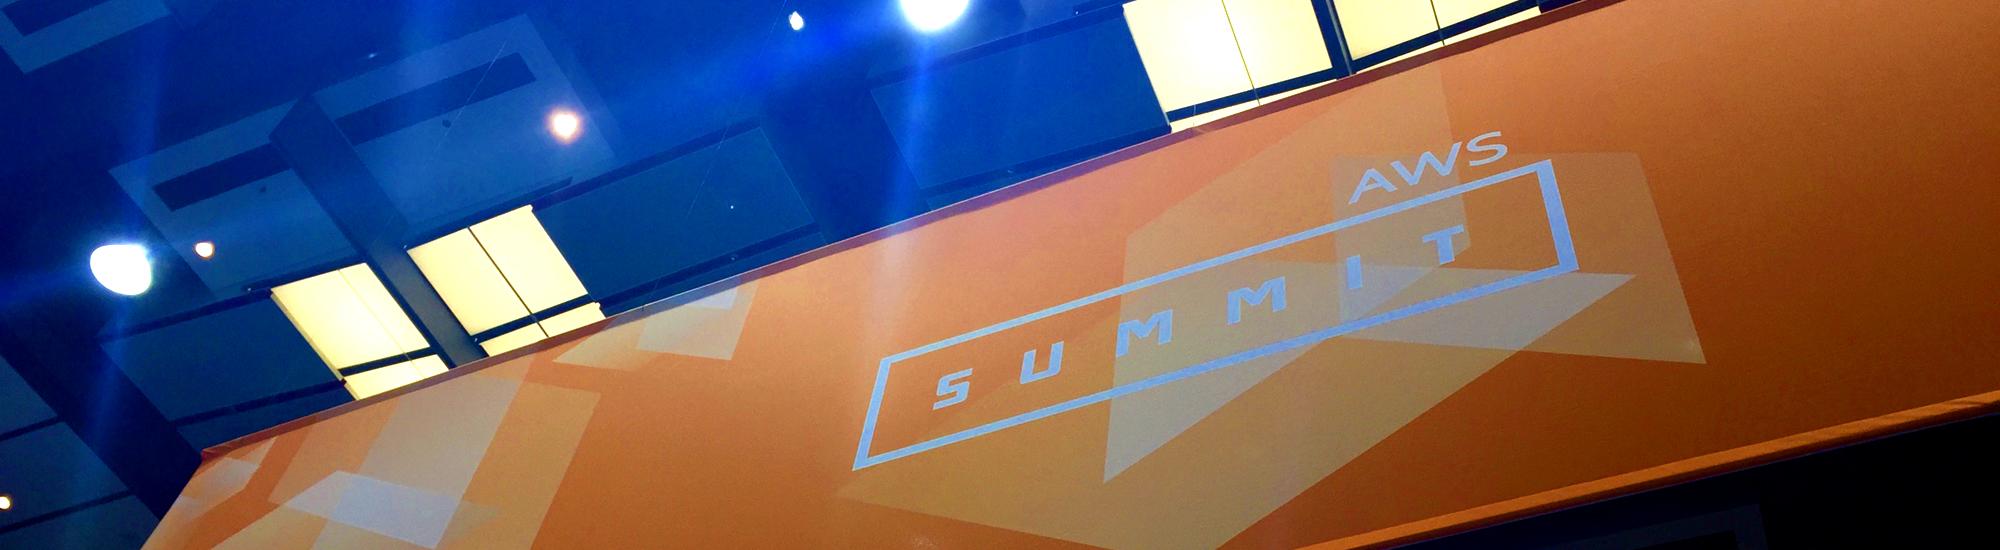 aws-summit-branding-an-event-0416